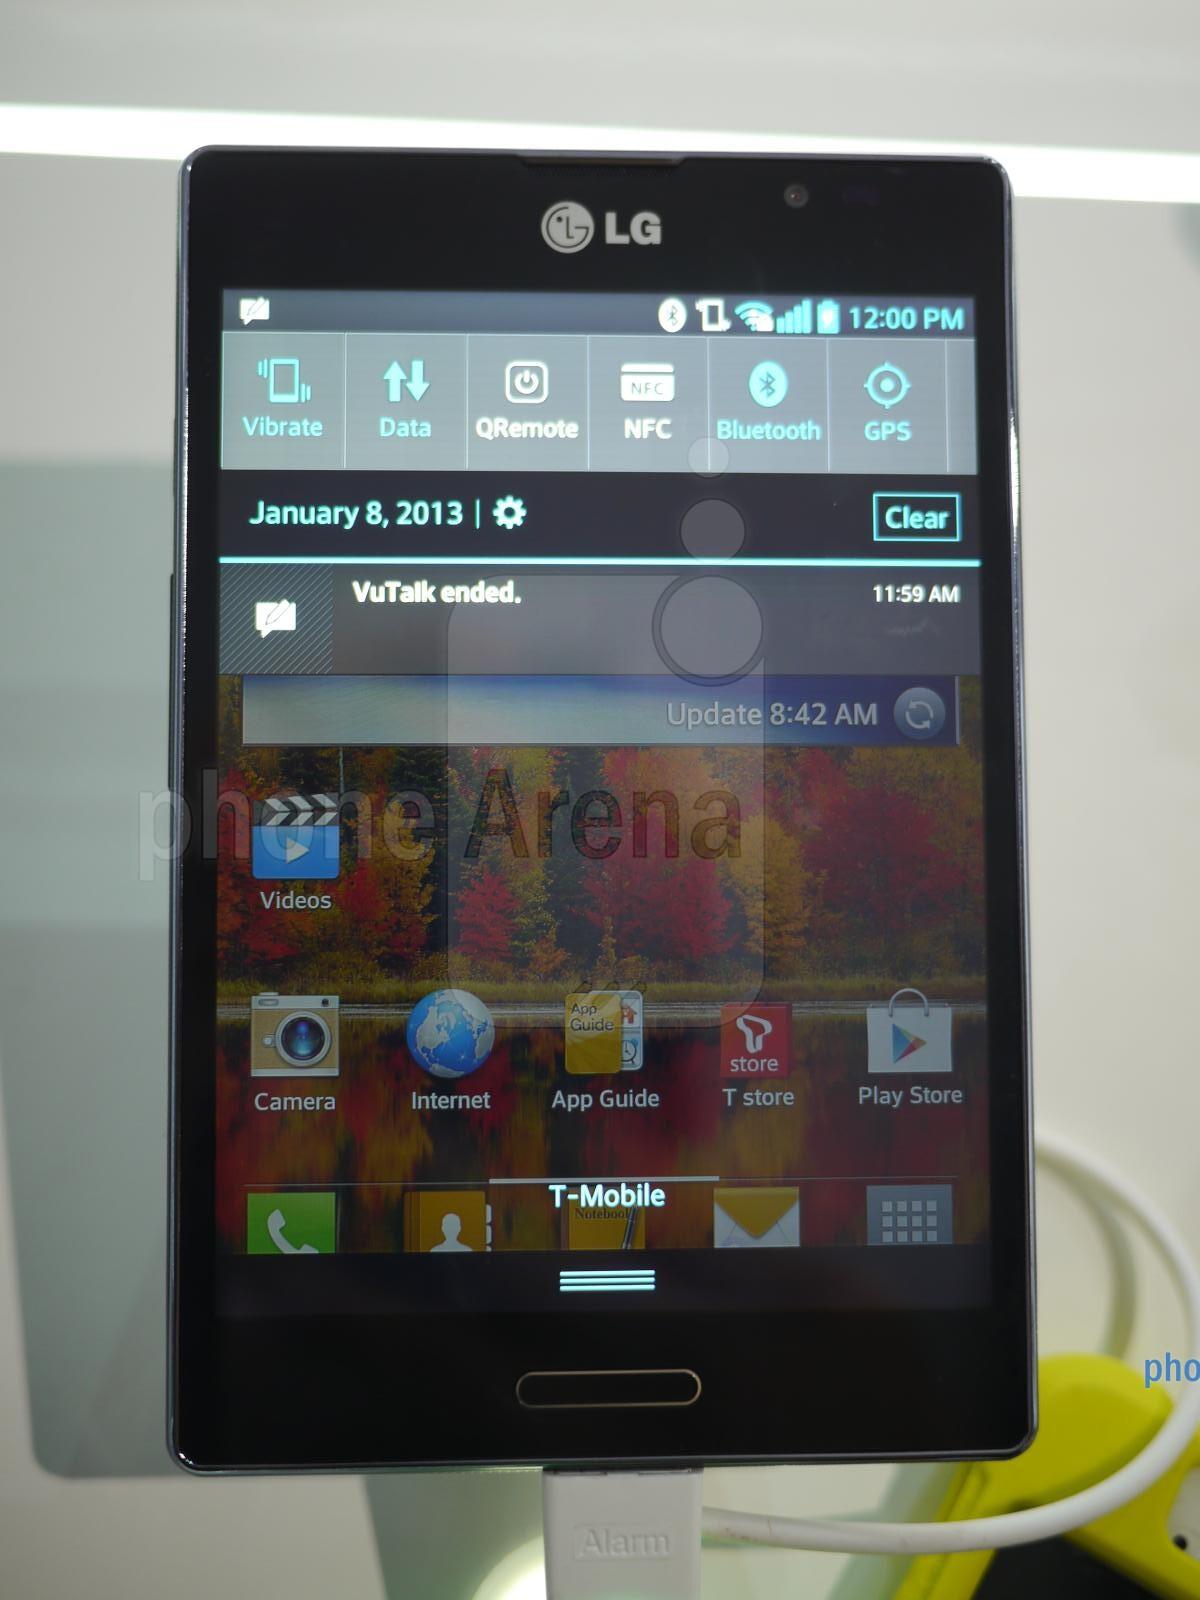 LG Optimus Vu II hands-on